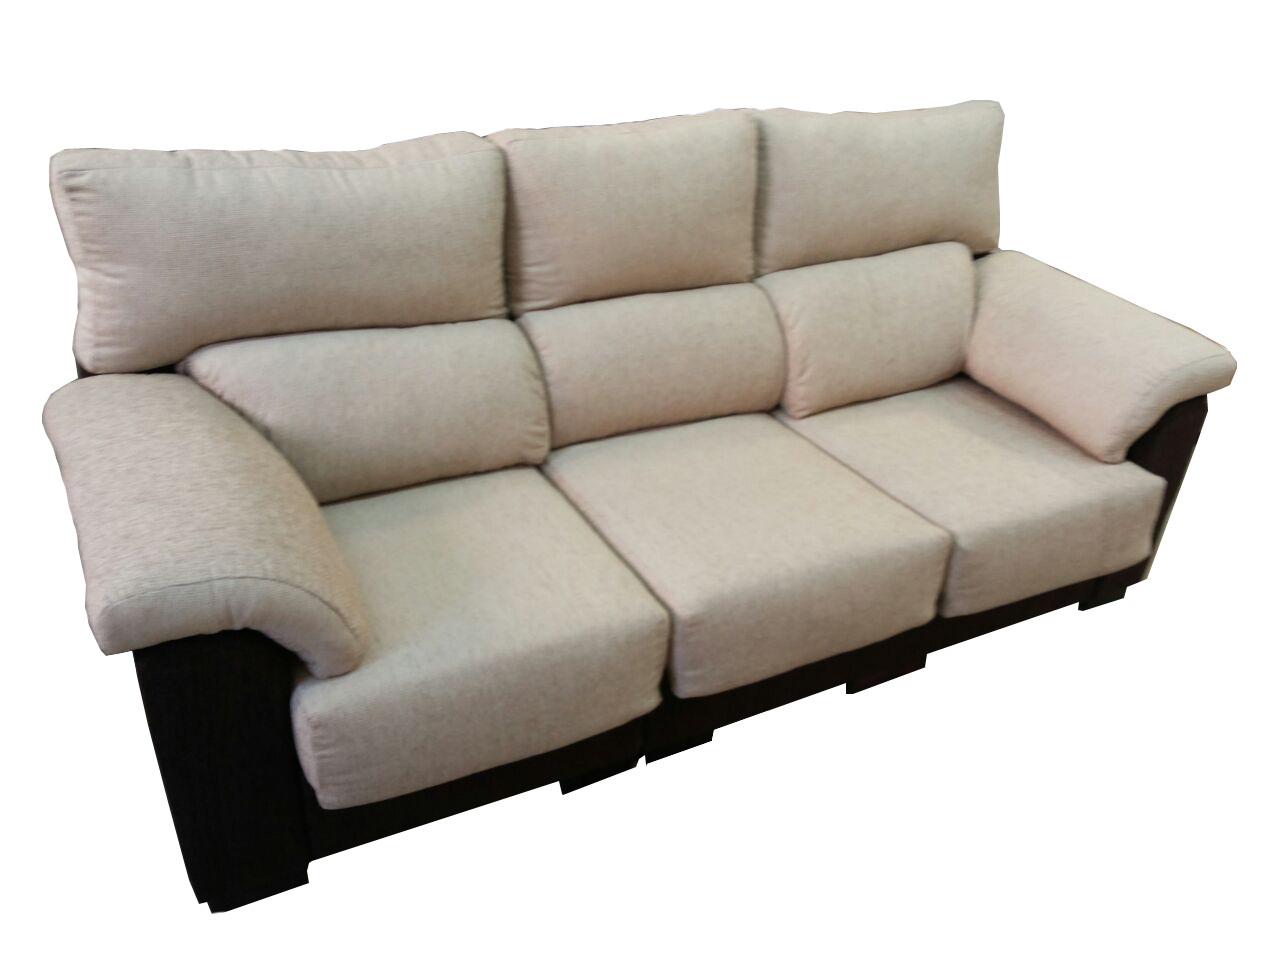 mejor sof calidad precio asiento deslizante respaldo